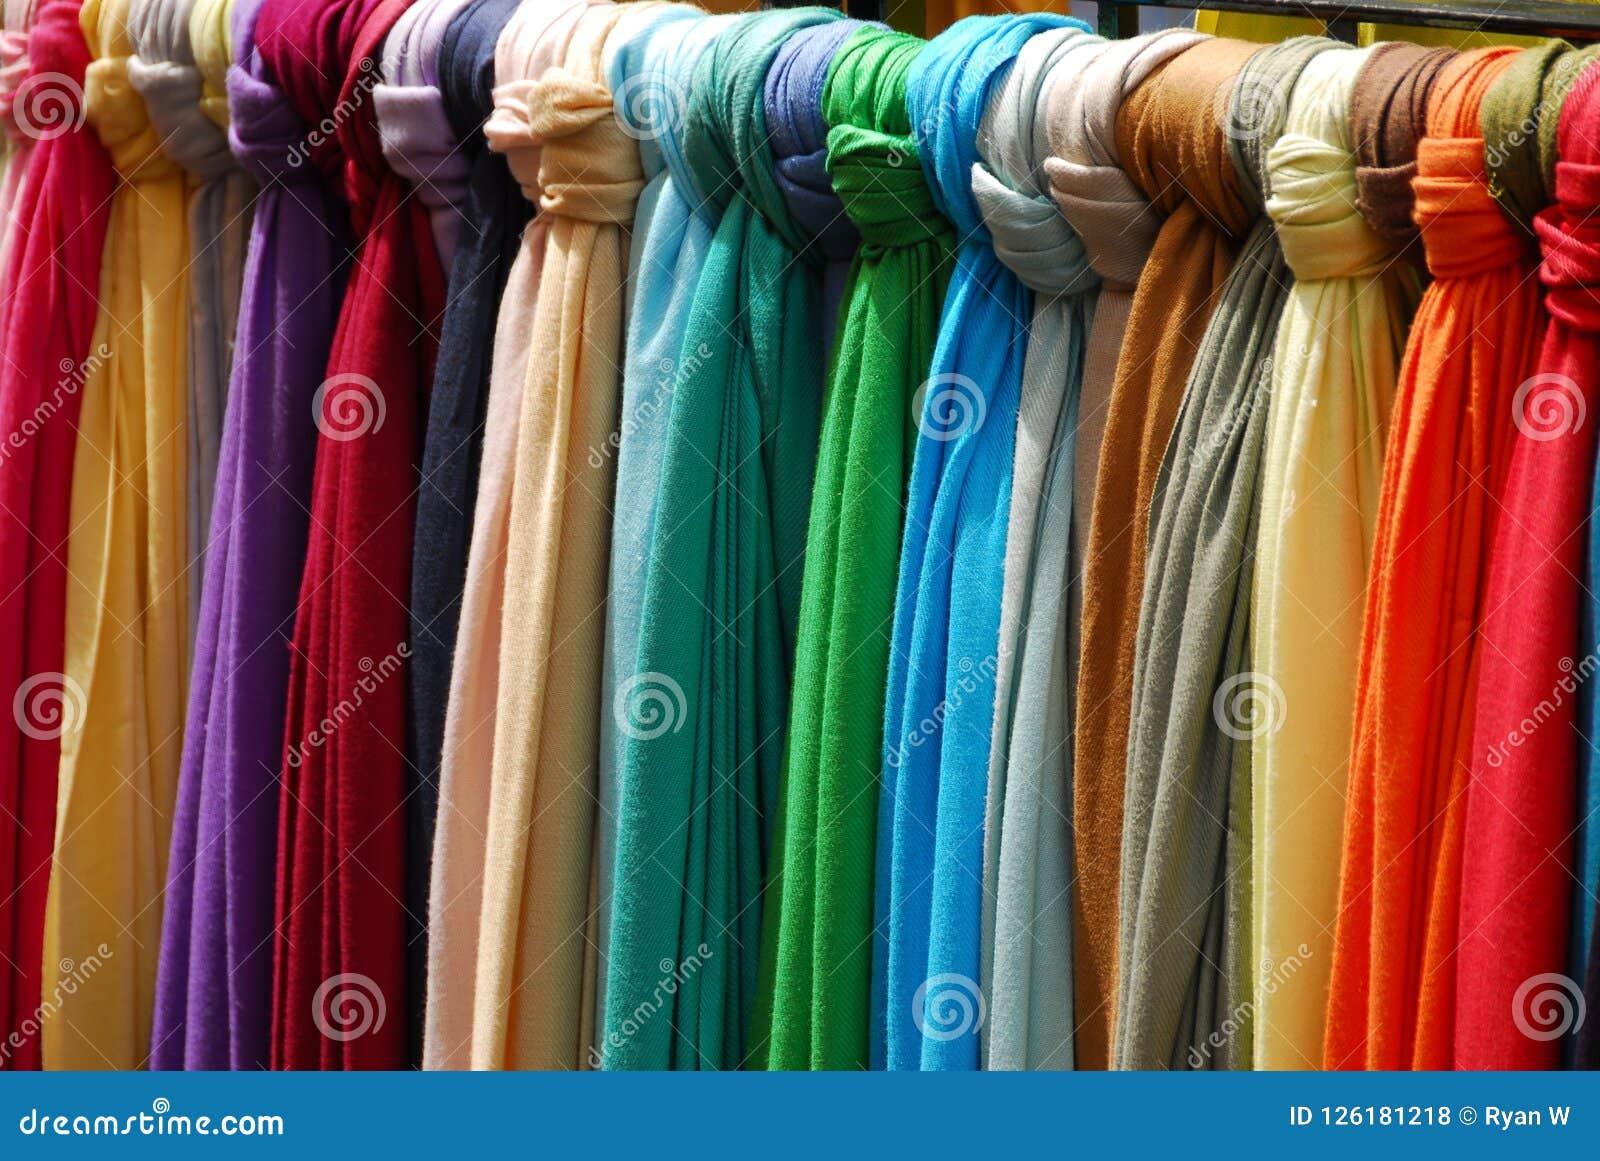 Tissus colorés lumineux attachés à un rail